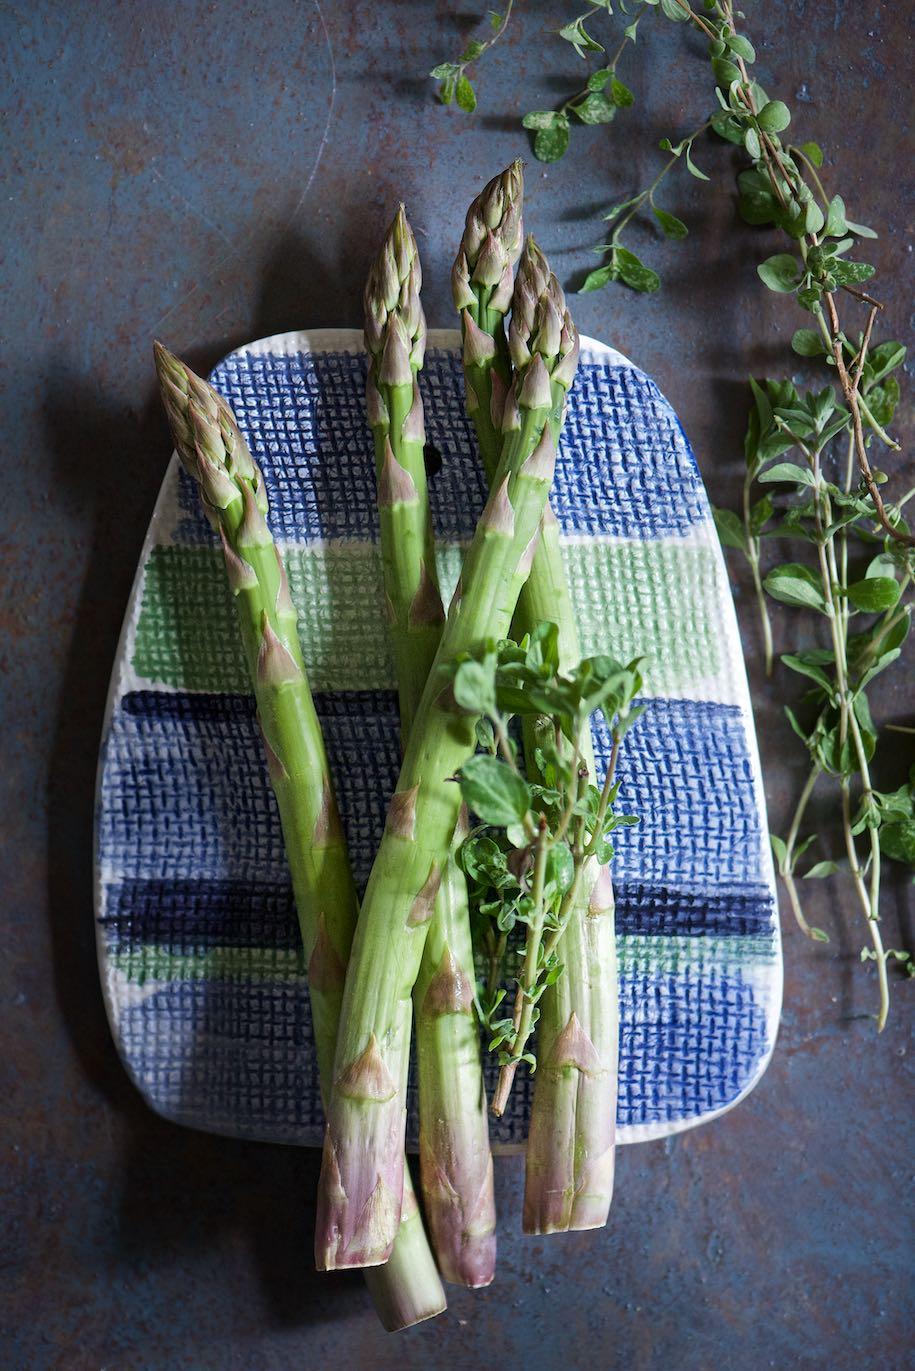 asparagi crudi con maggiorana fresca